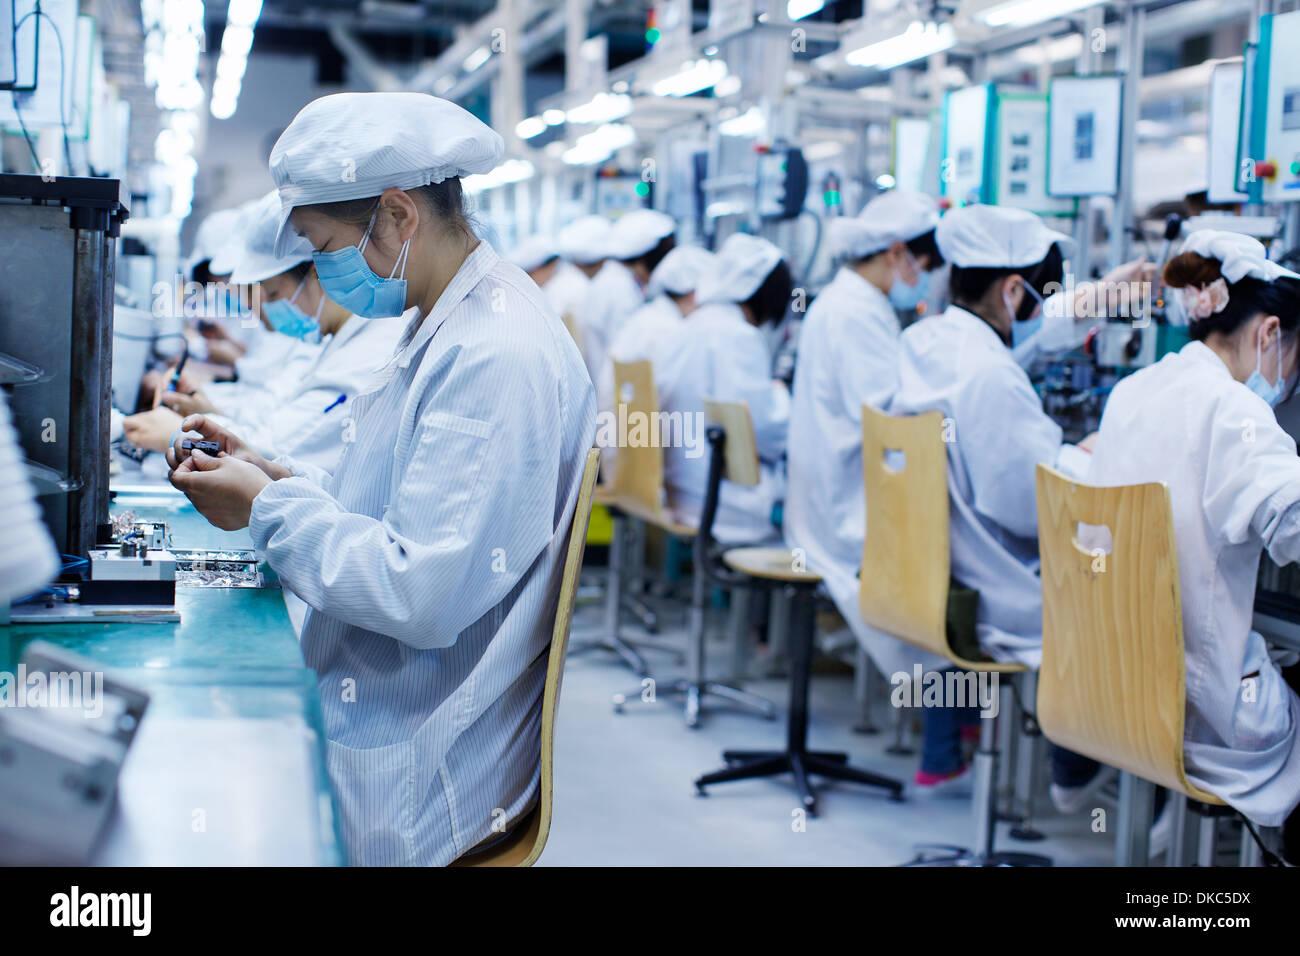 Gruppe der Arbeitnehmer bei der kleinen Teilefertigung Fabrik in China, tragen von Schutzkleidung, Hüte und Masken Stockbild